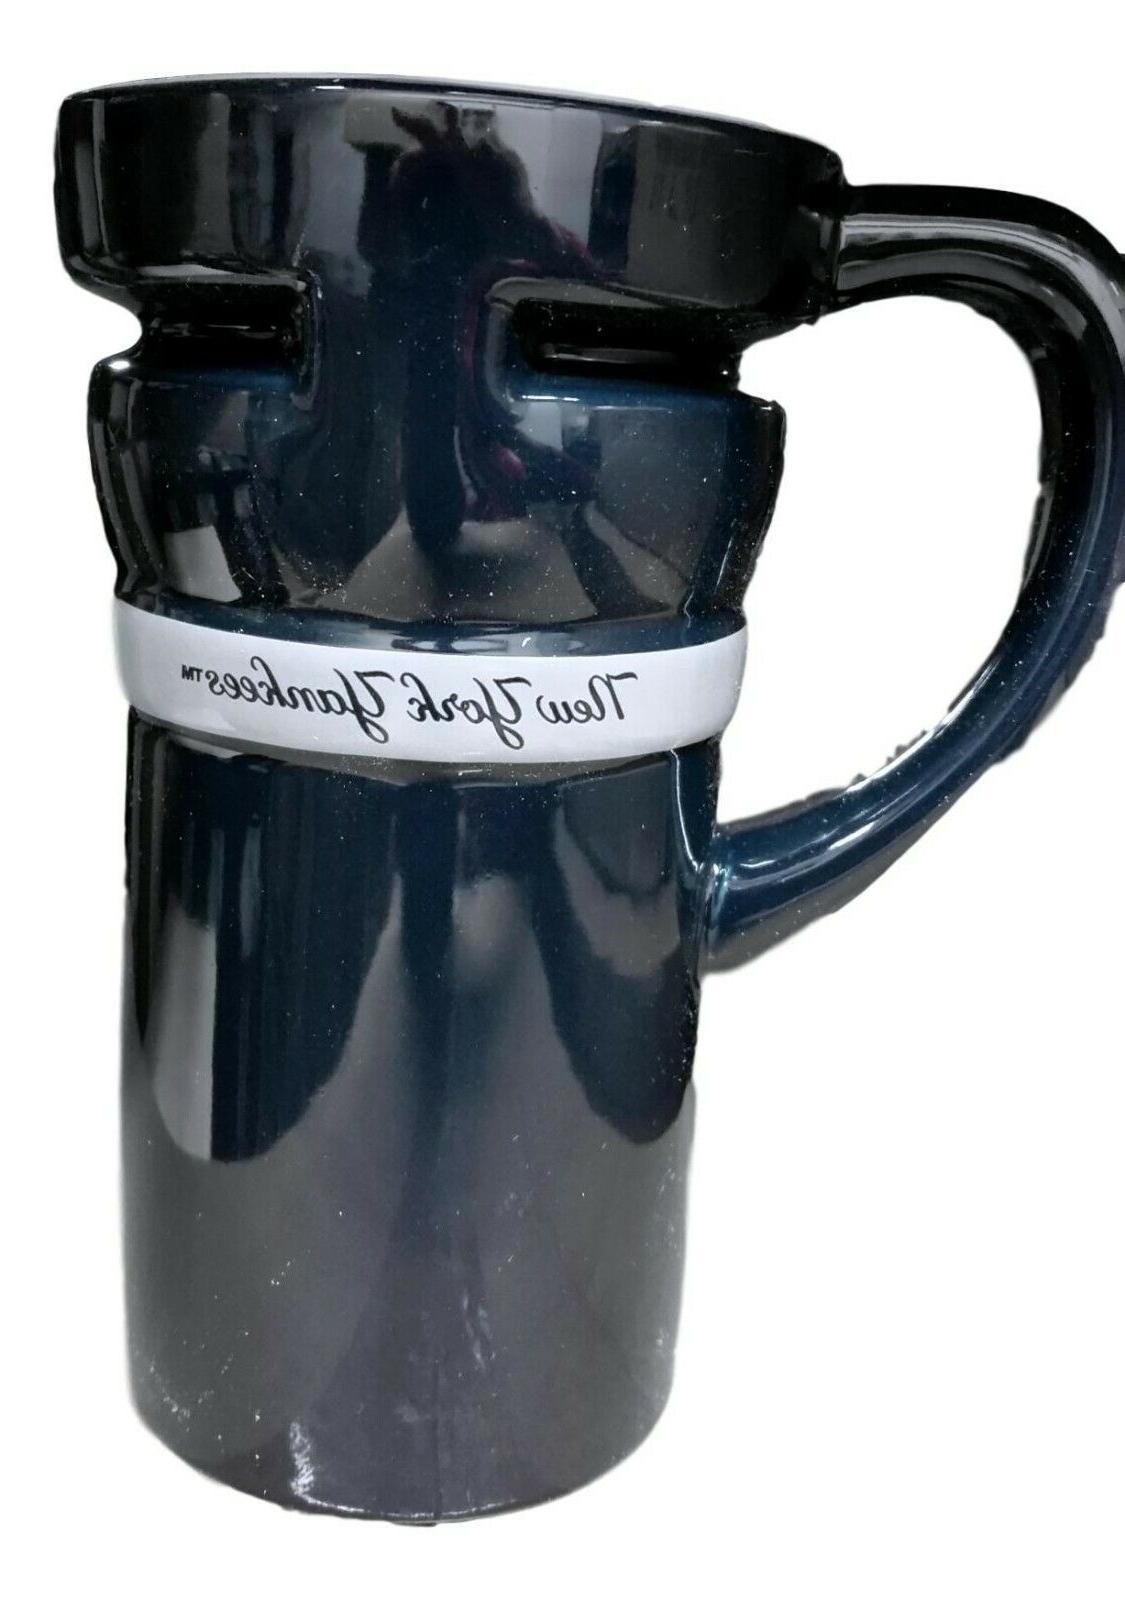 New York Travel Mug with